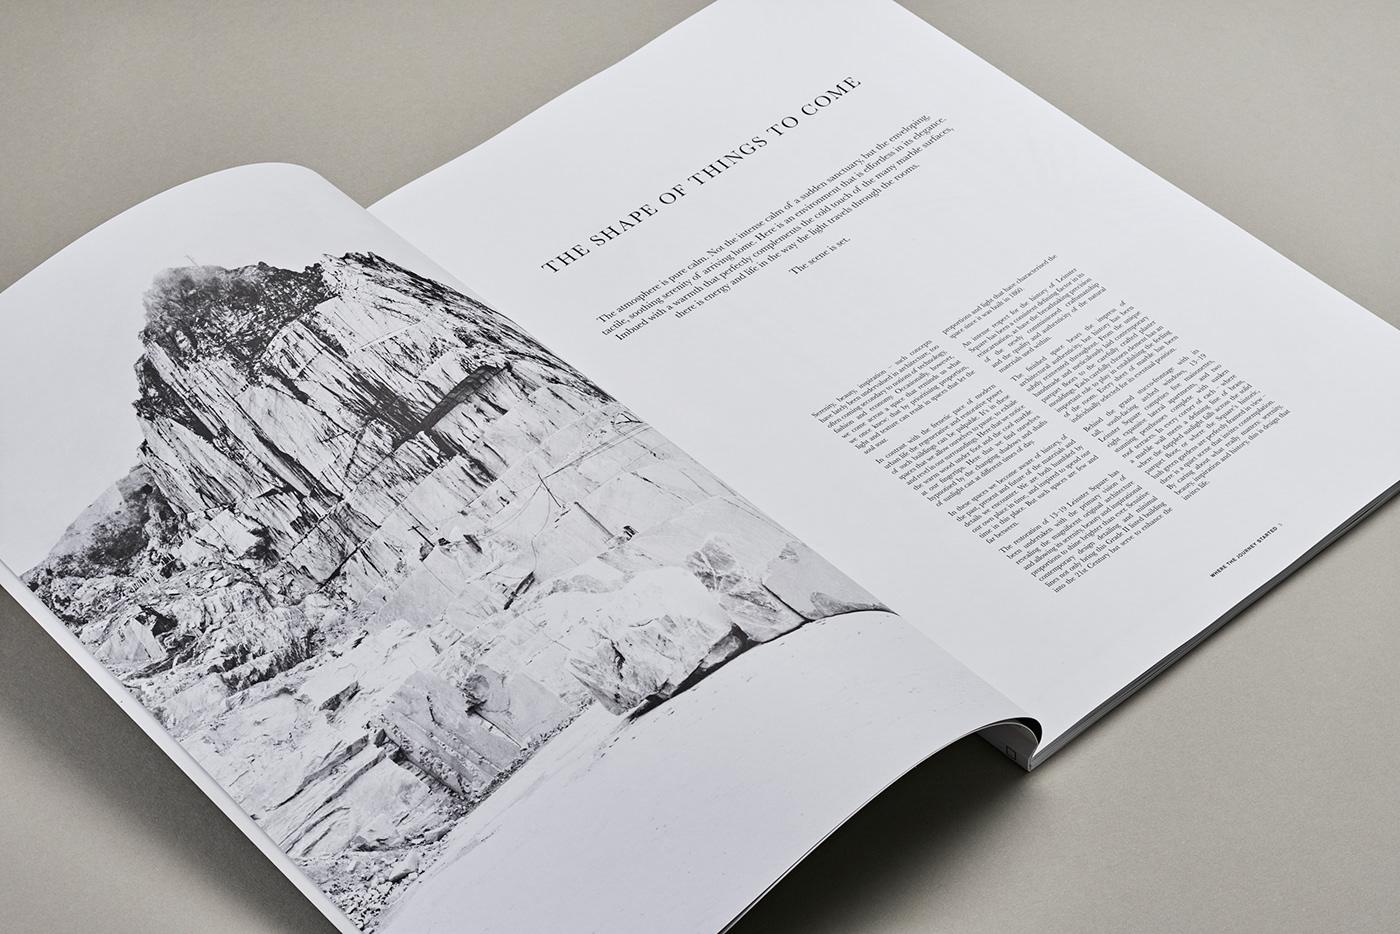 大理石瓷砖公司画册设计欣赏,大气国际化